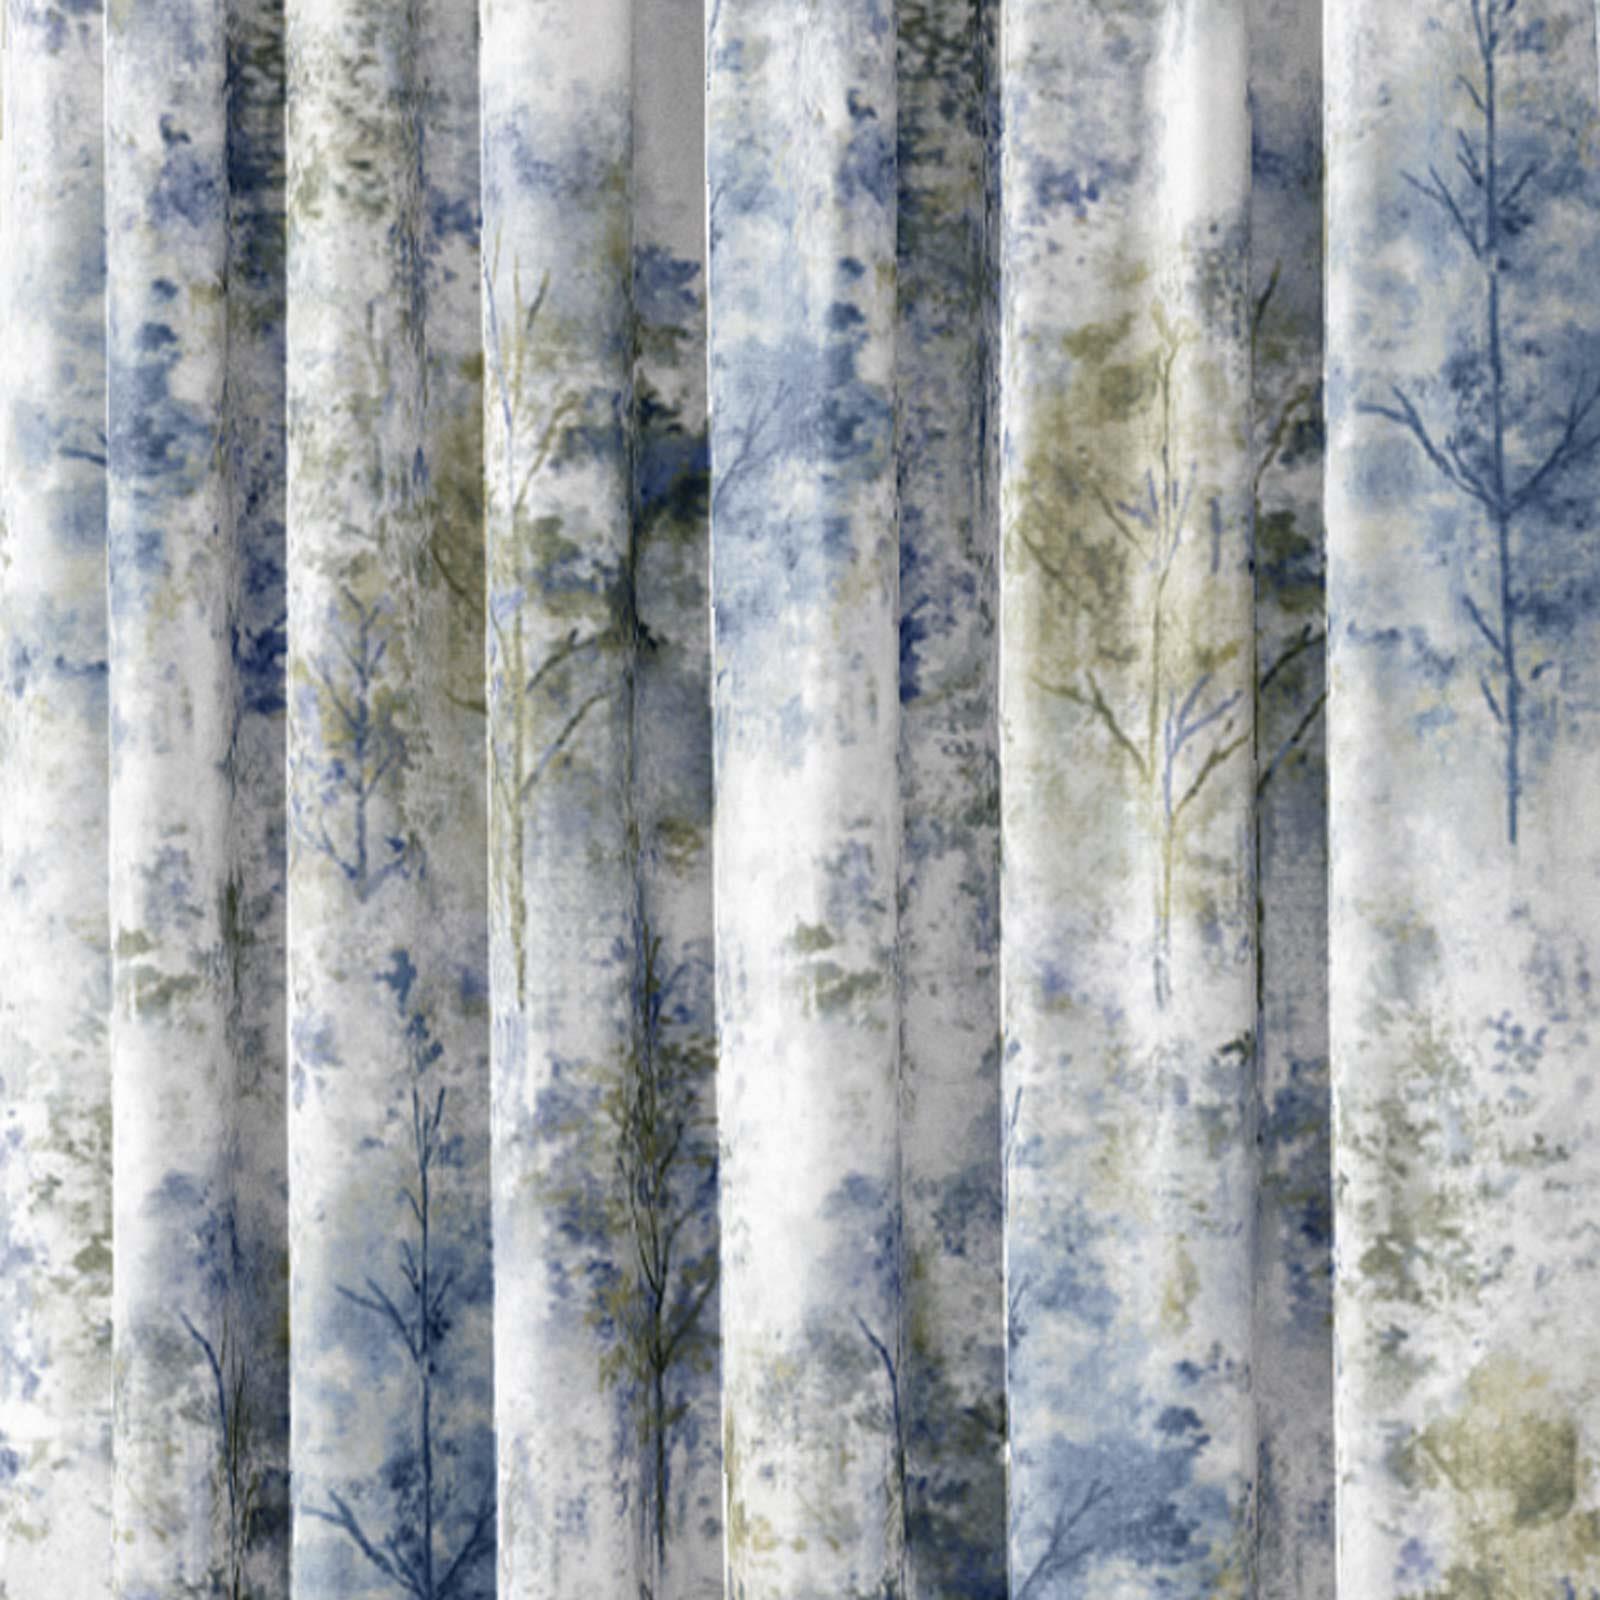 Woodland-Cinta-superior-Cortinas-de-arboles-de-impresion-Ready-Made-3-034-pares-de-cortina-plisado miniatura 11